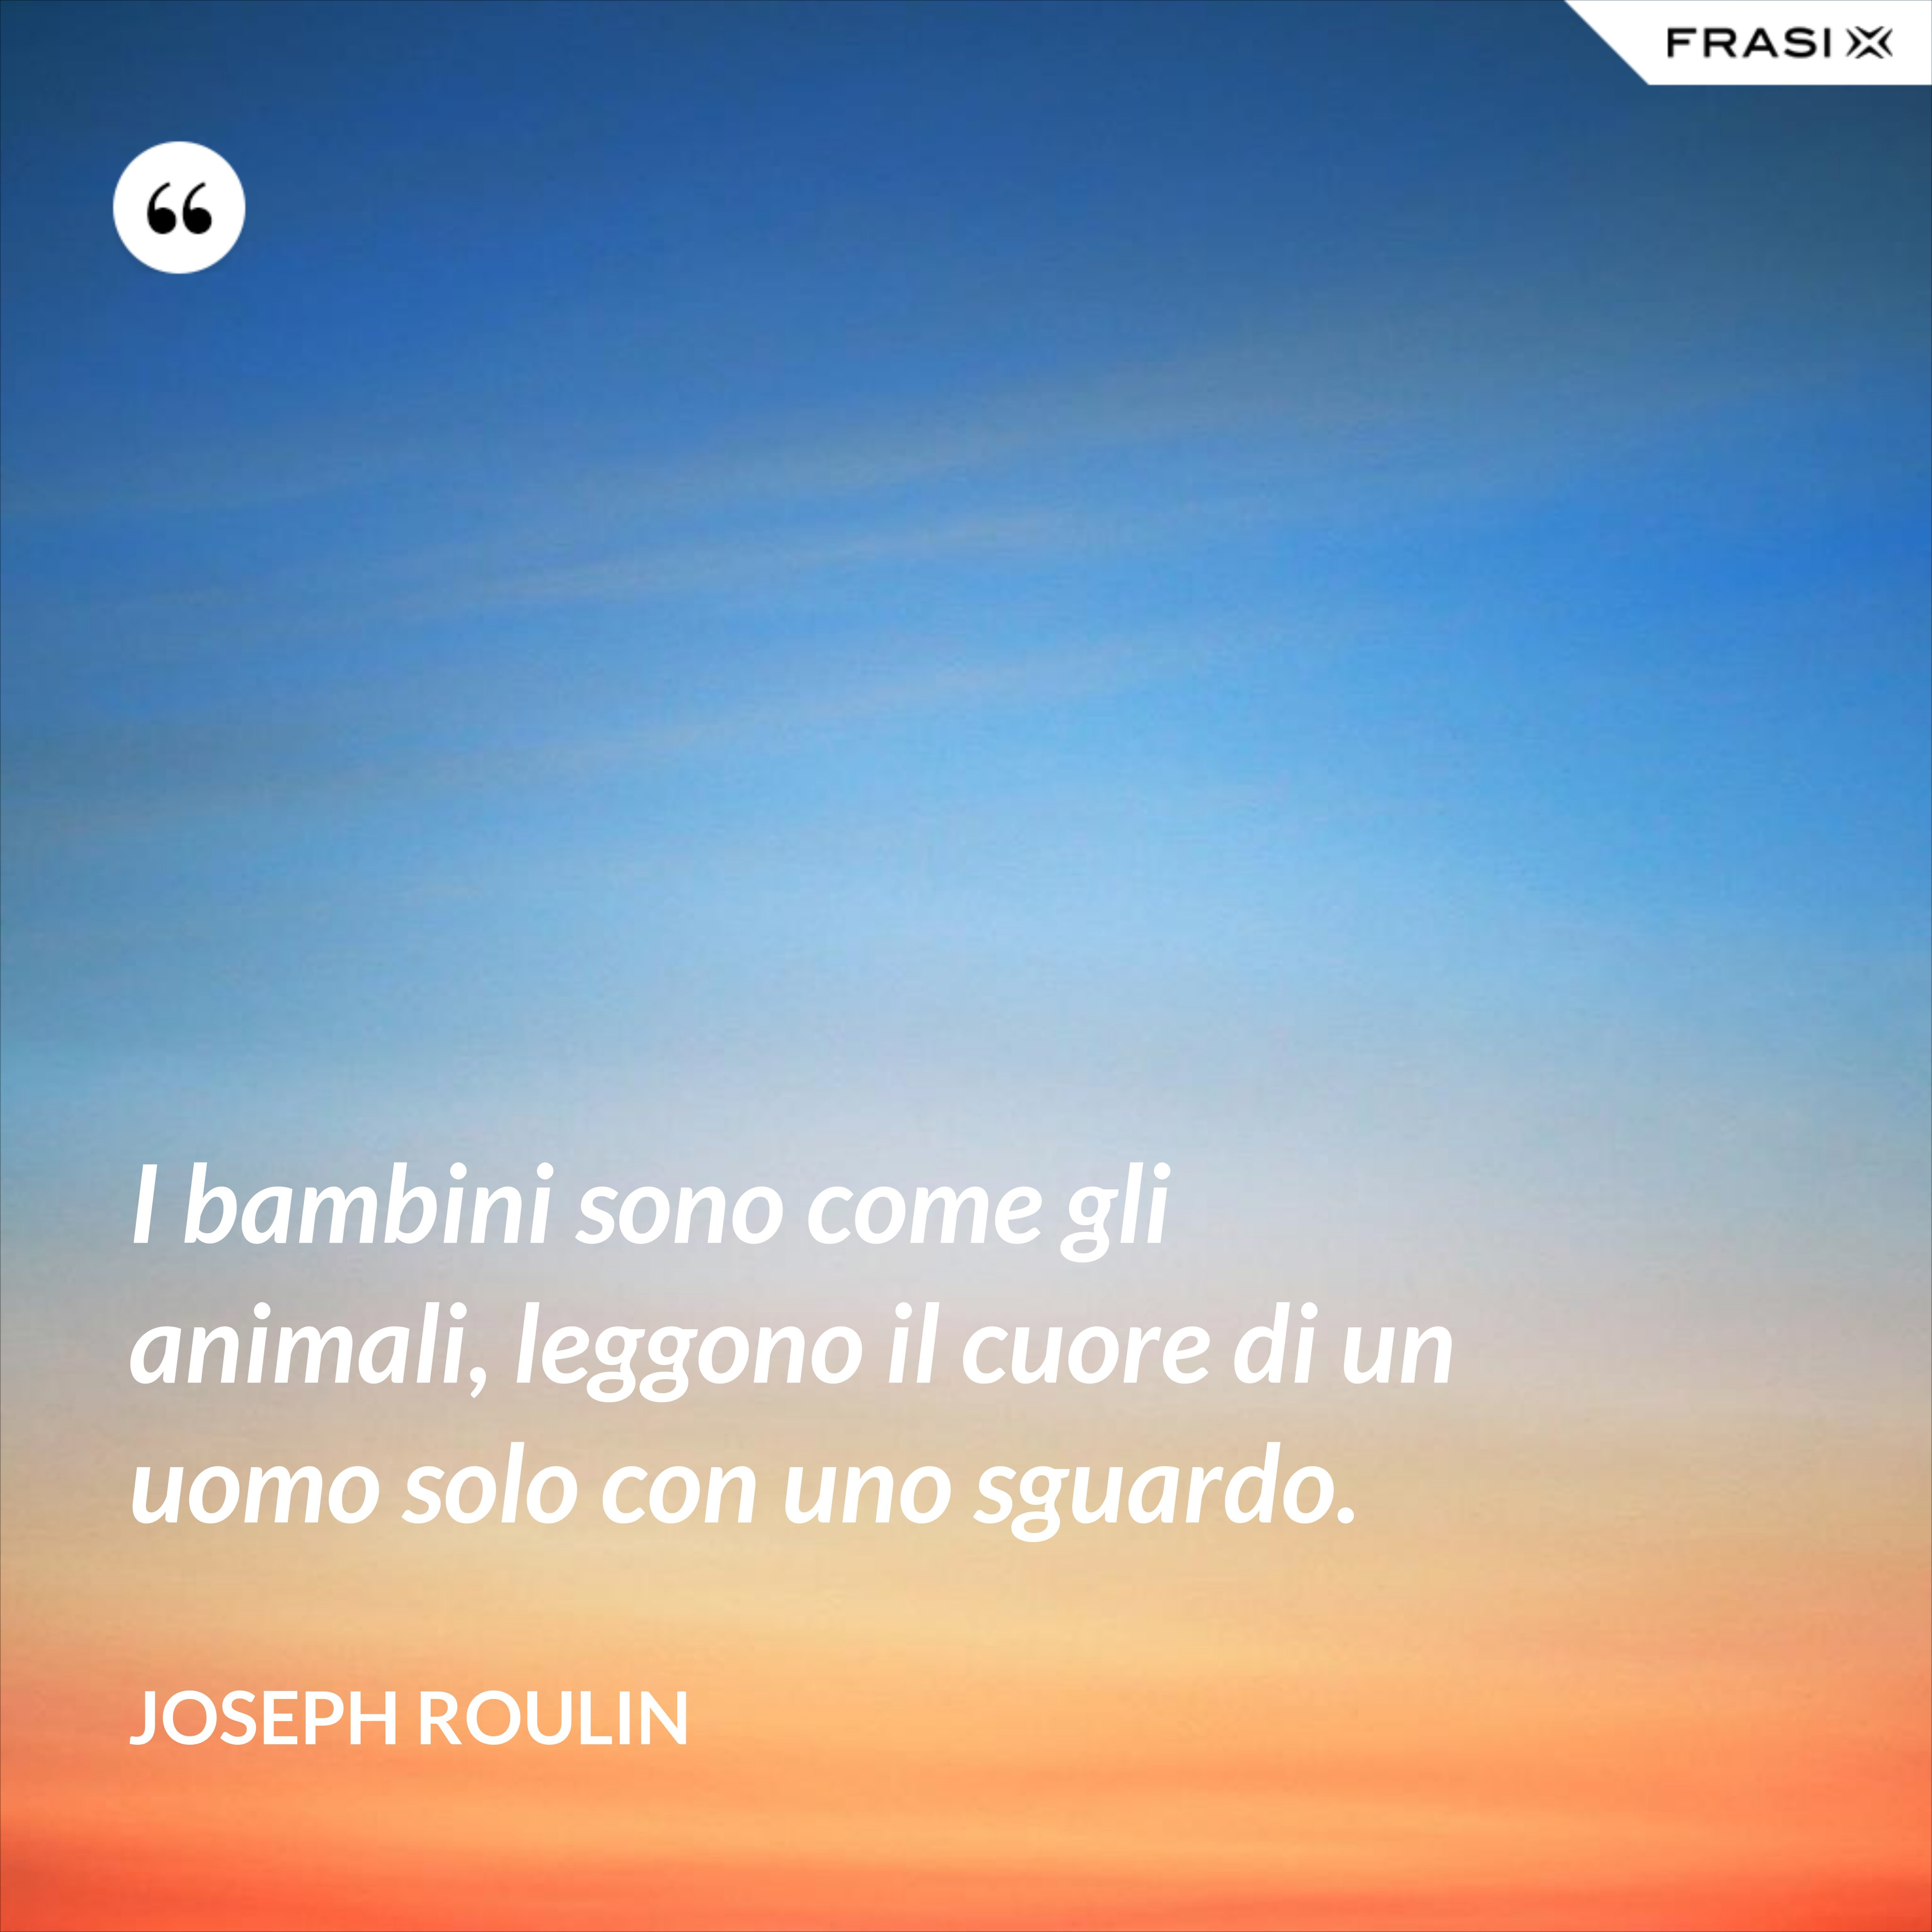 I bambini sono come gli animali, leggono il cuore di un uomo solo con uno sguardo. - Joseph Roulin